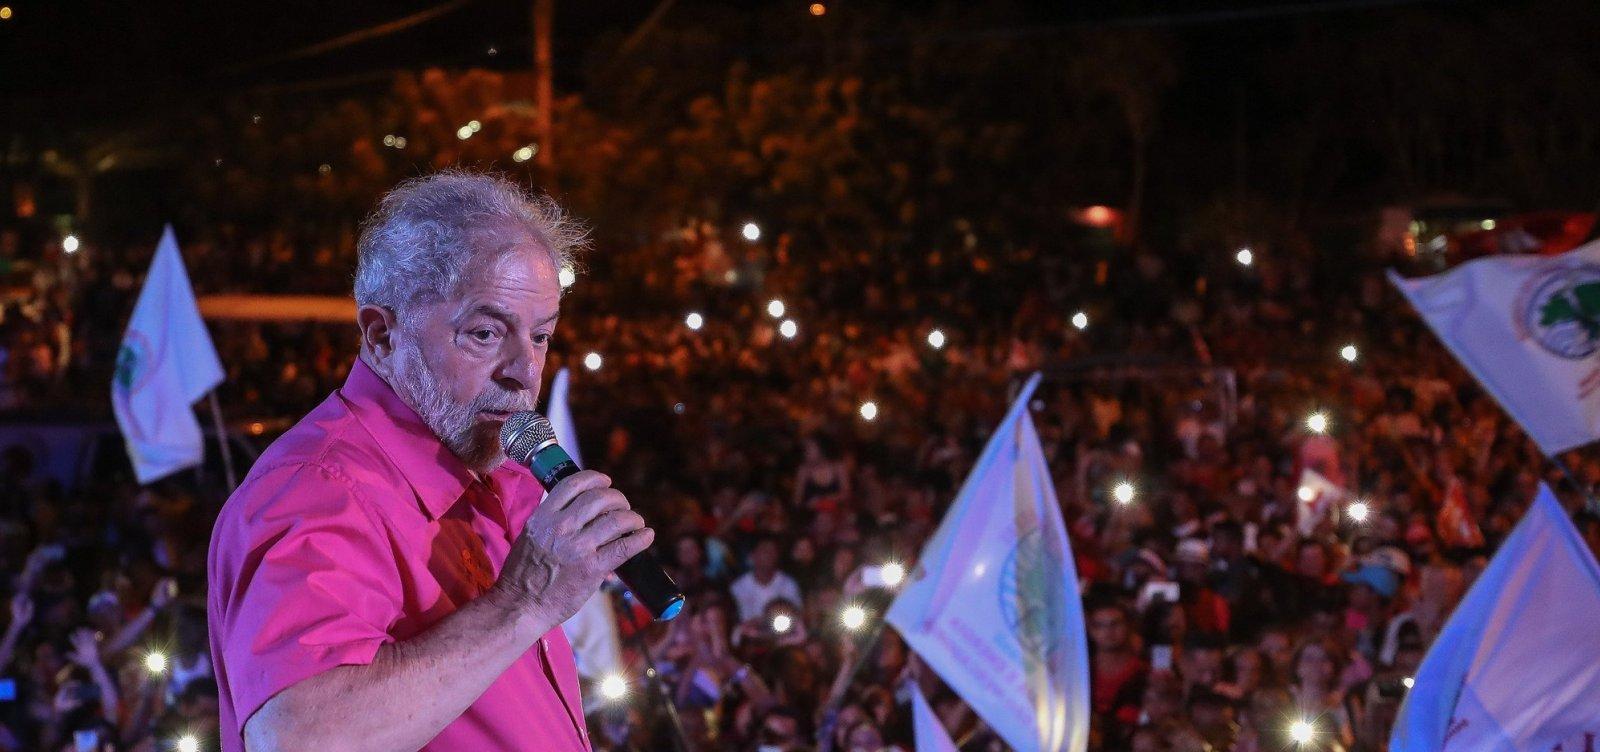 'Não podemos deixar o desespero levar o Brasil para uma aventura fascista', diz Lula, em carta